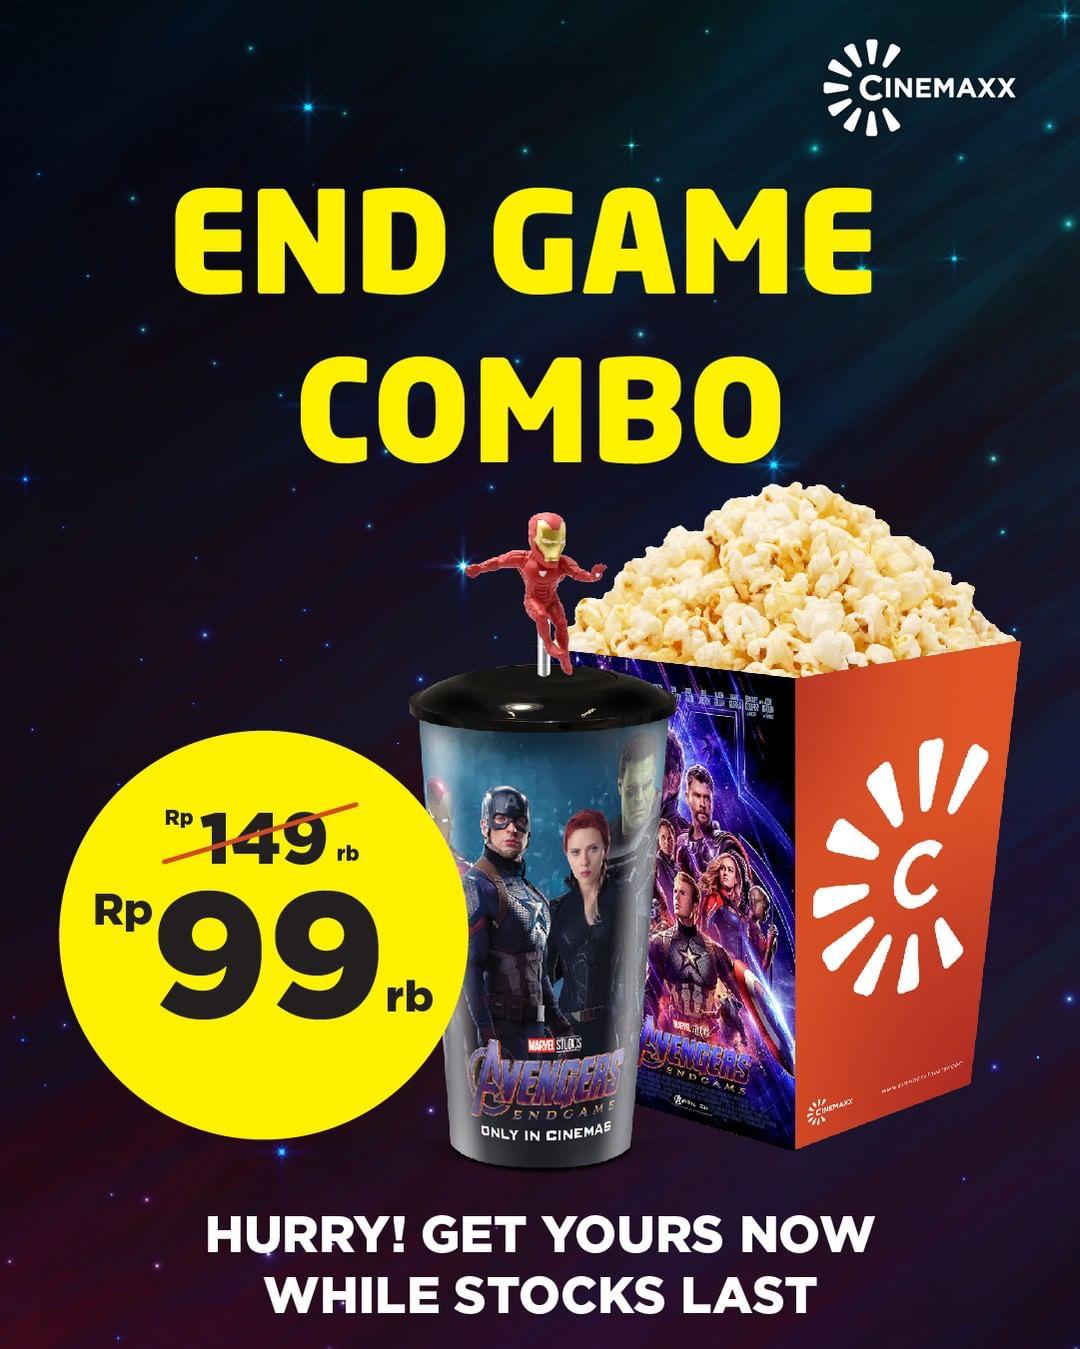 CINEMAXX NEW ENDGAME COMBO hanya seharga Rp 99,000